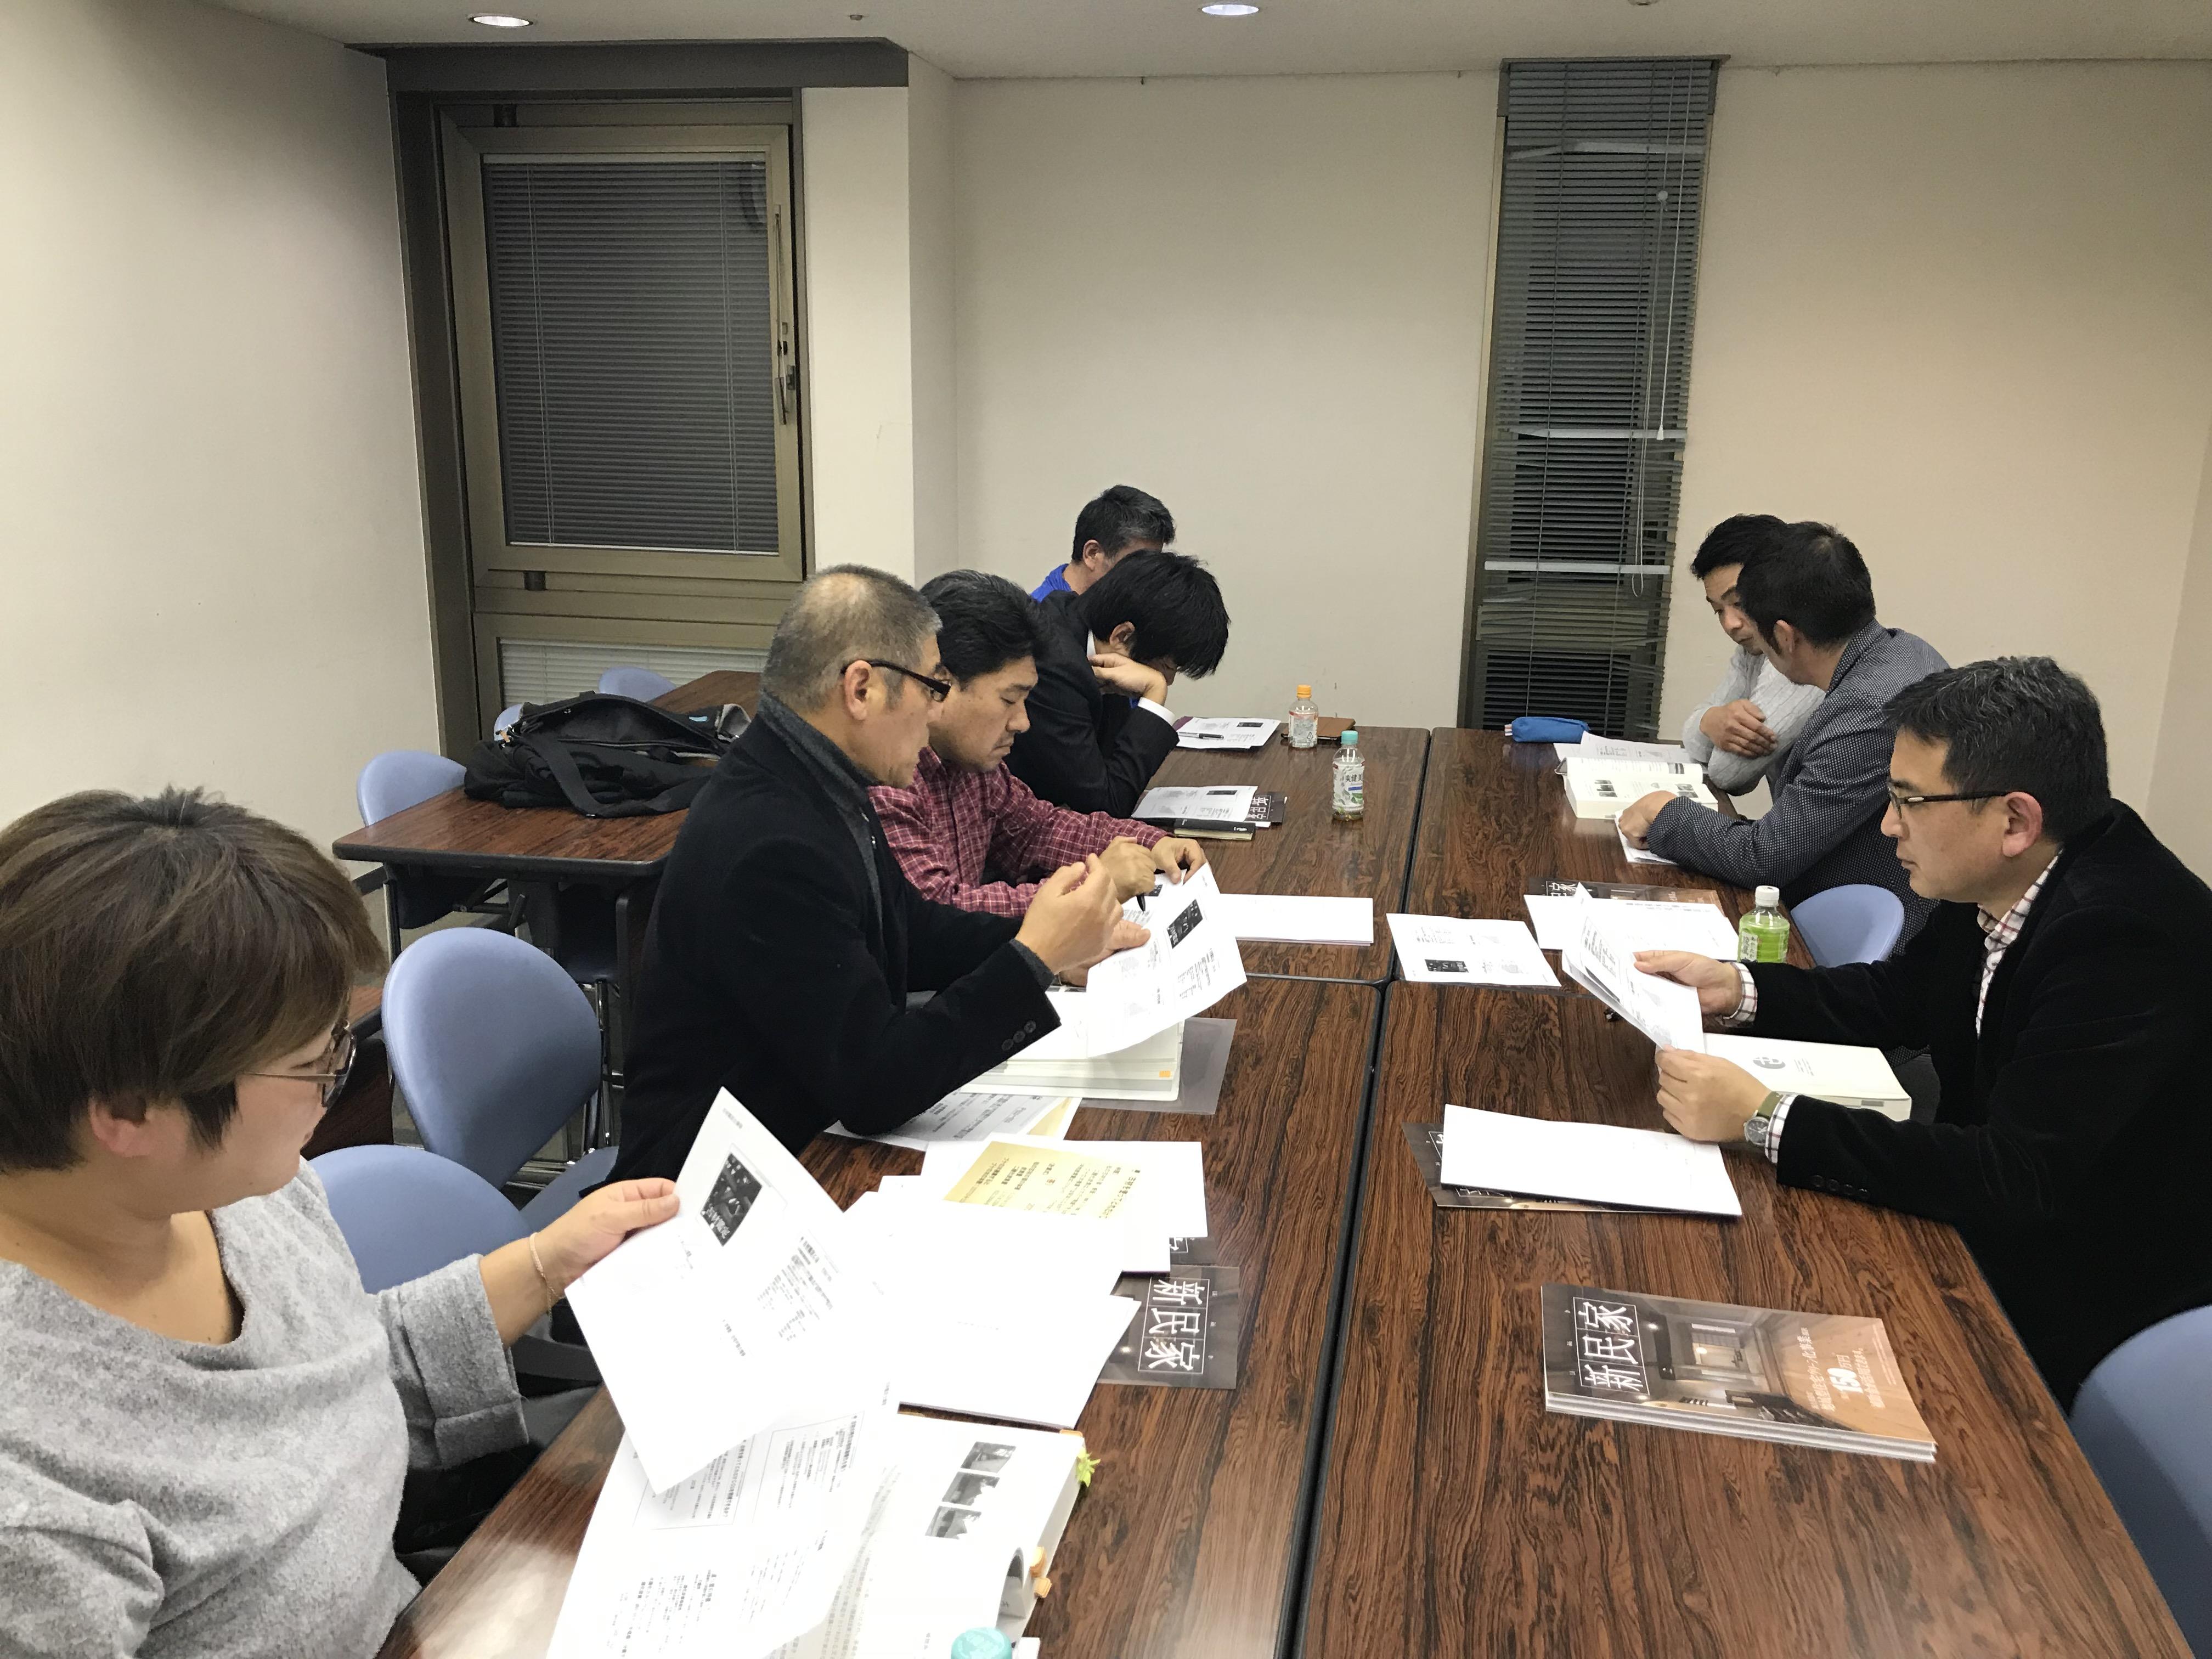 2017/12/09 京都例会